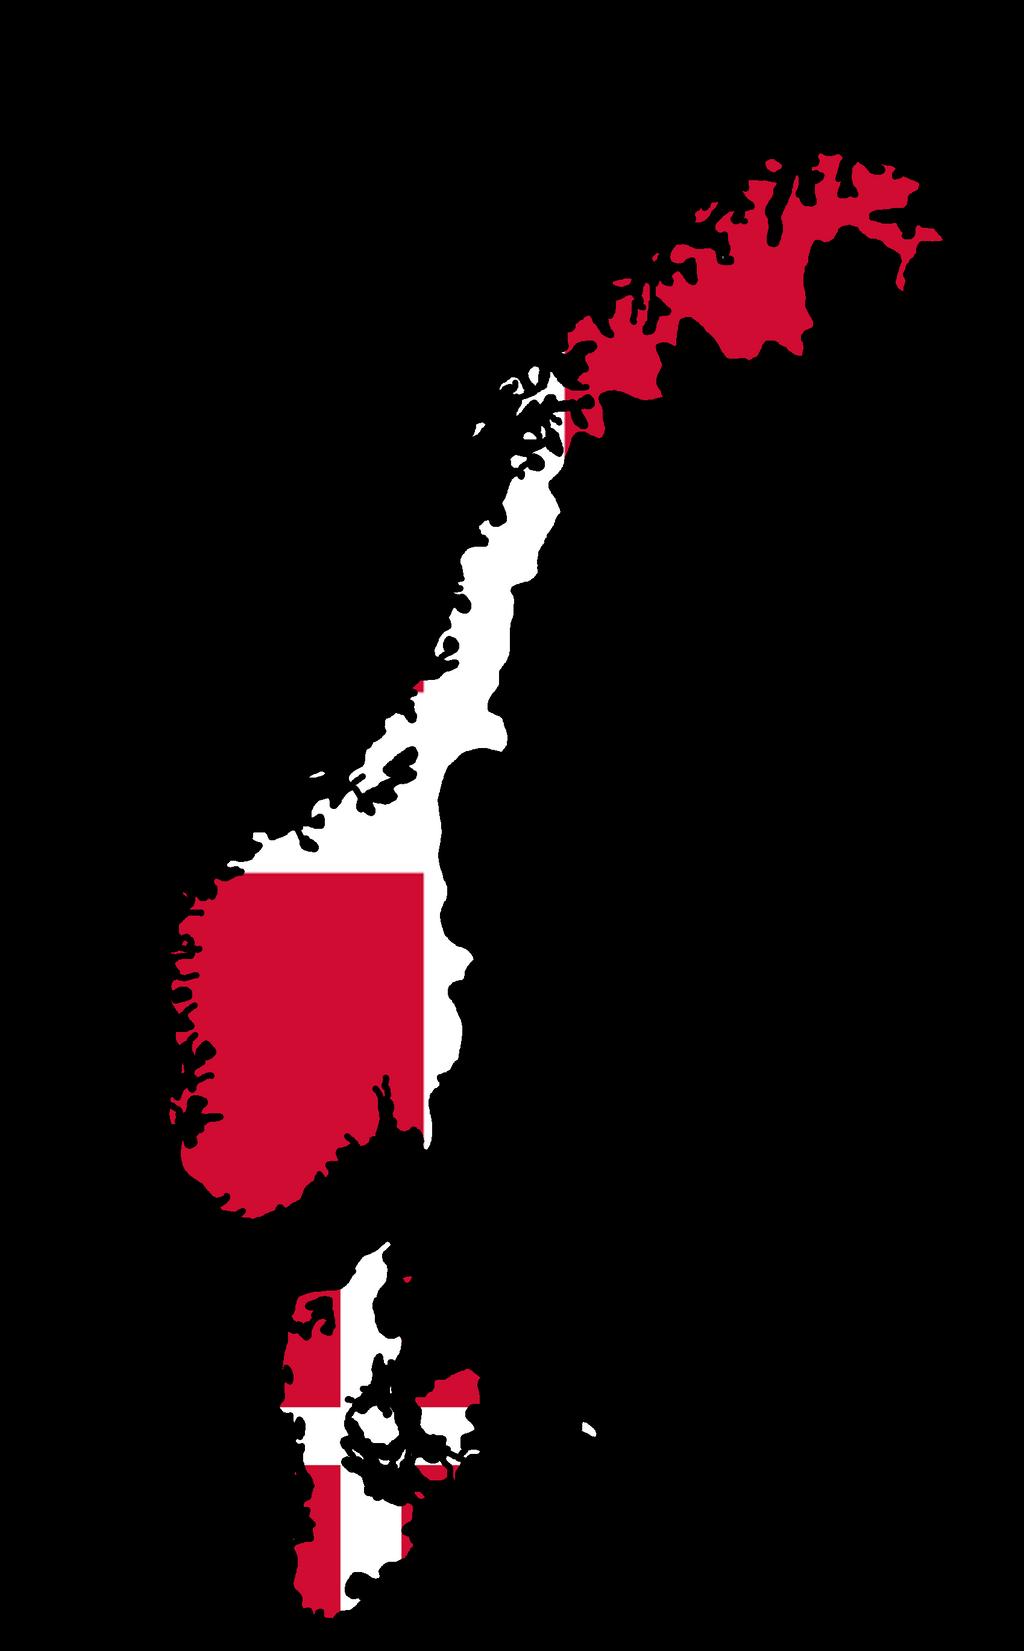 greater denmark flag map by generalhelghast on deviantart